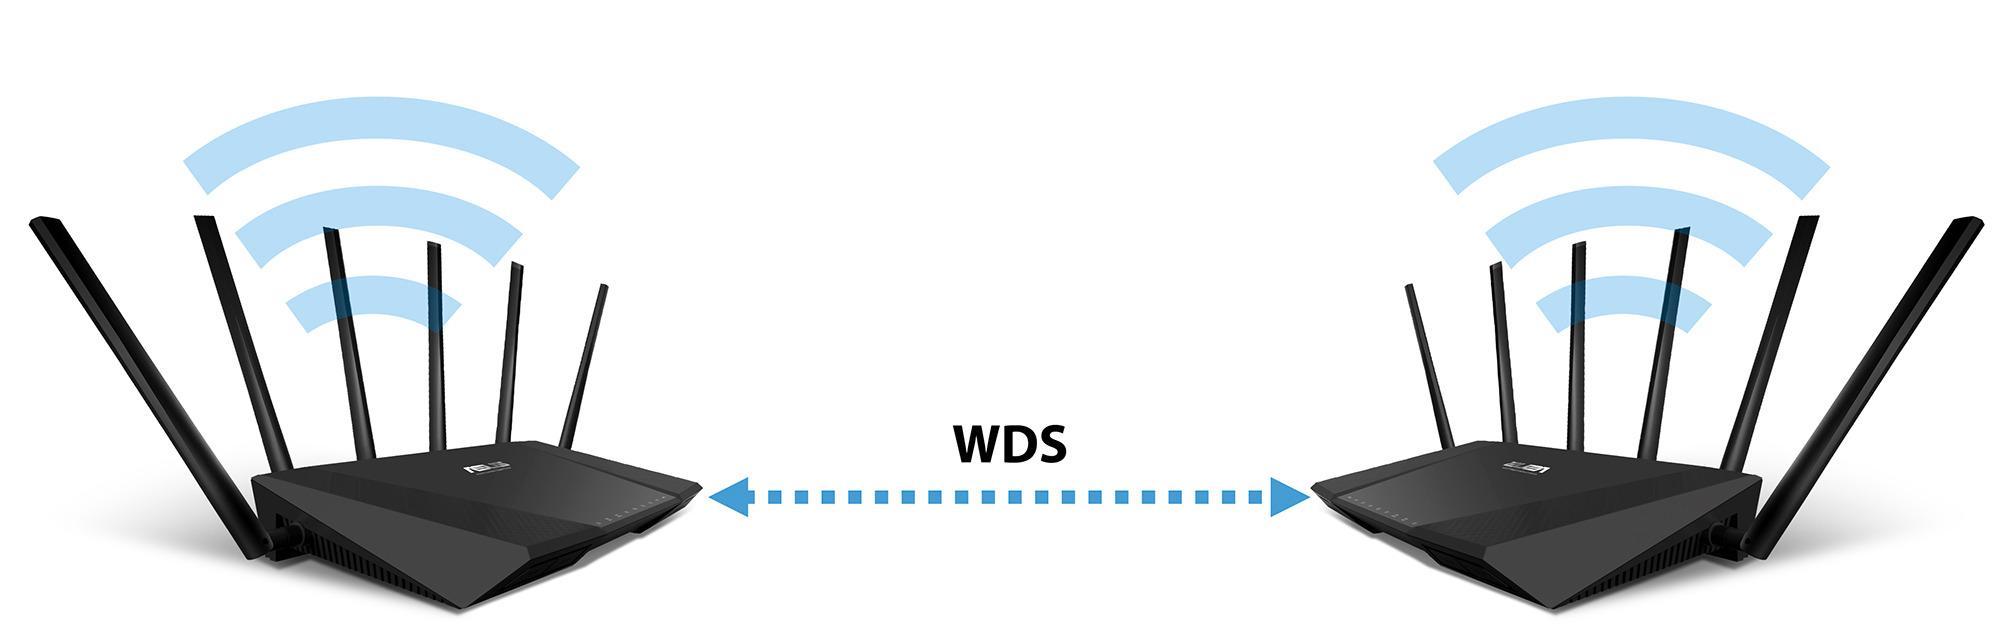 Med WDS kan du koble sammen to trådløse rutere.